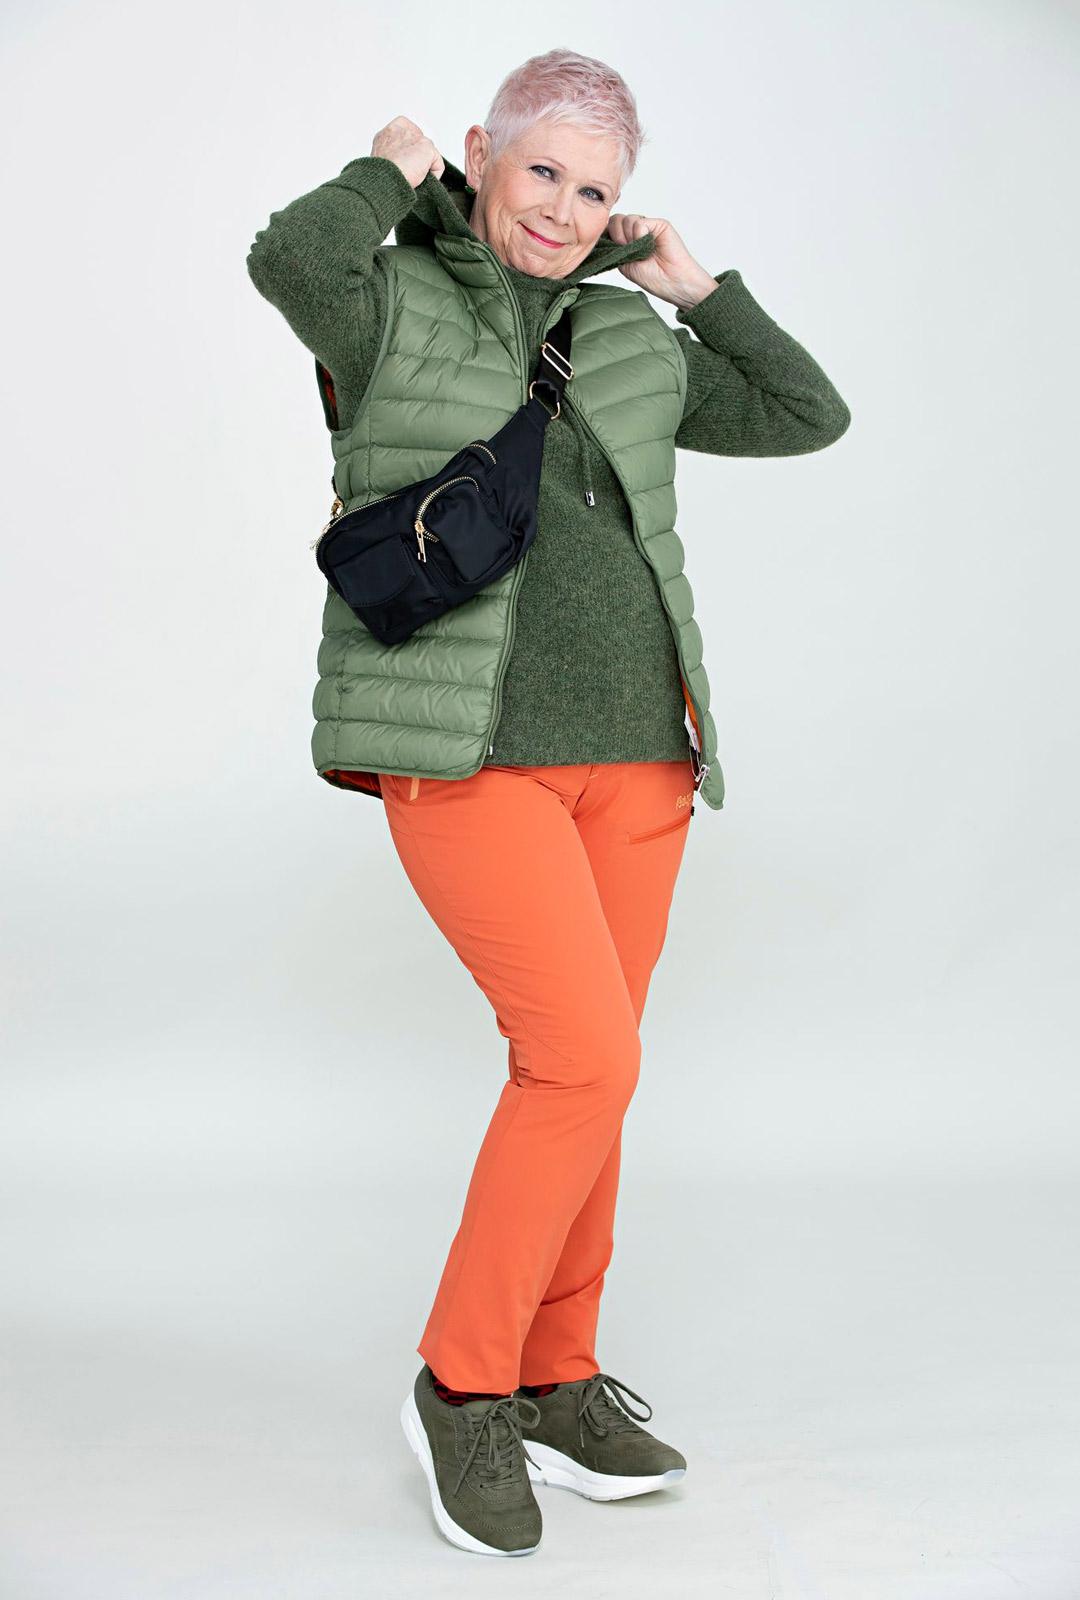 Toppaliivi lämmittää mukavasti pyöräillessä ja housuissa on hyvä jousto. Oranssi on tehokas huomioväri.